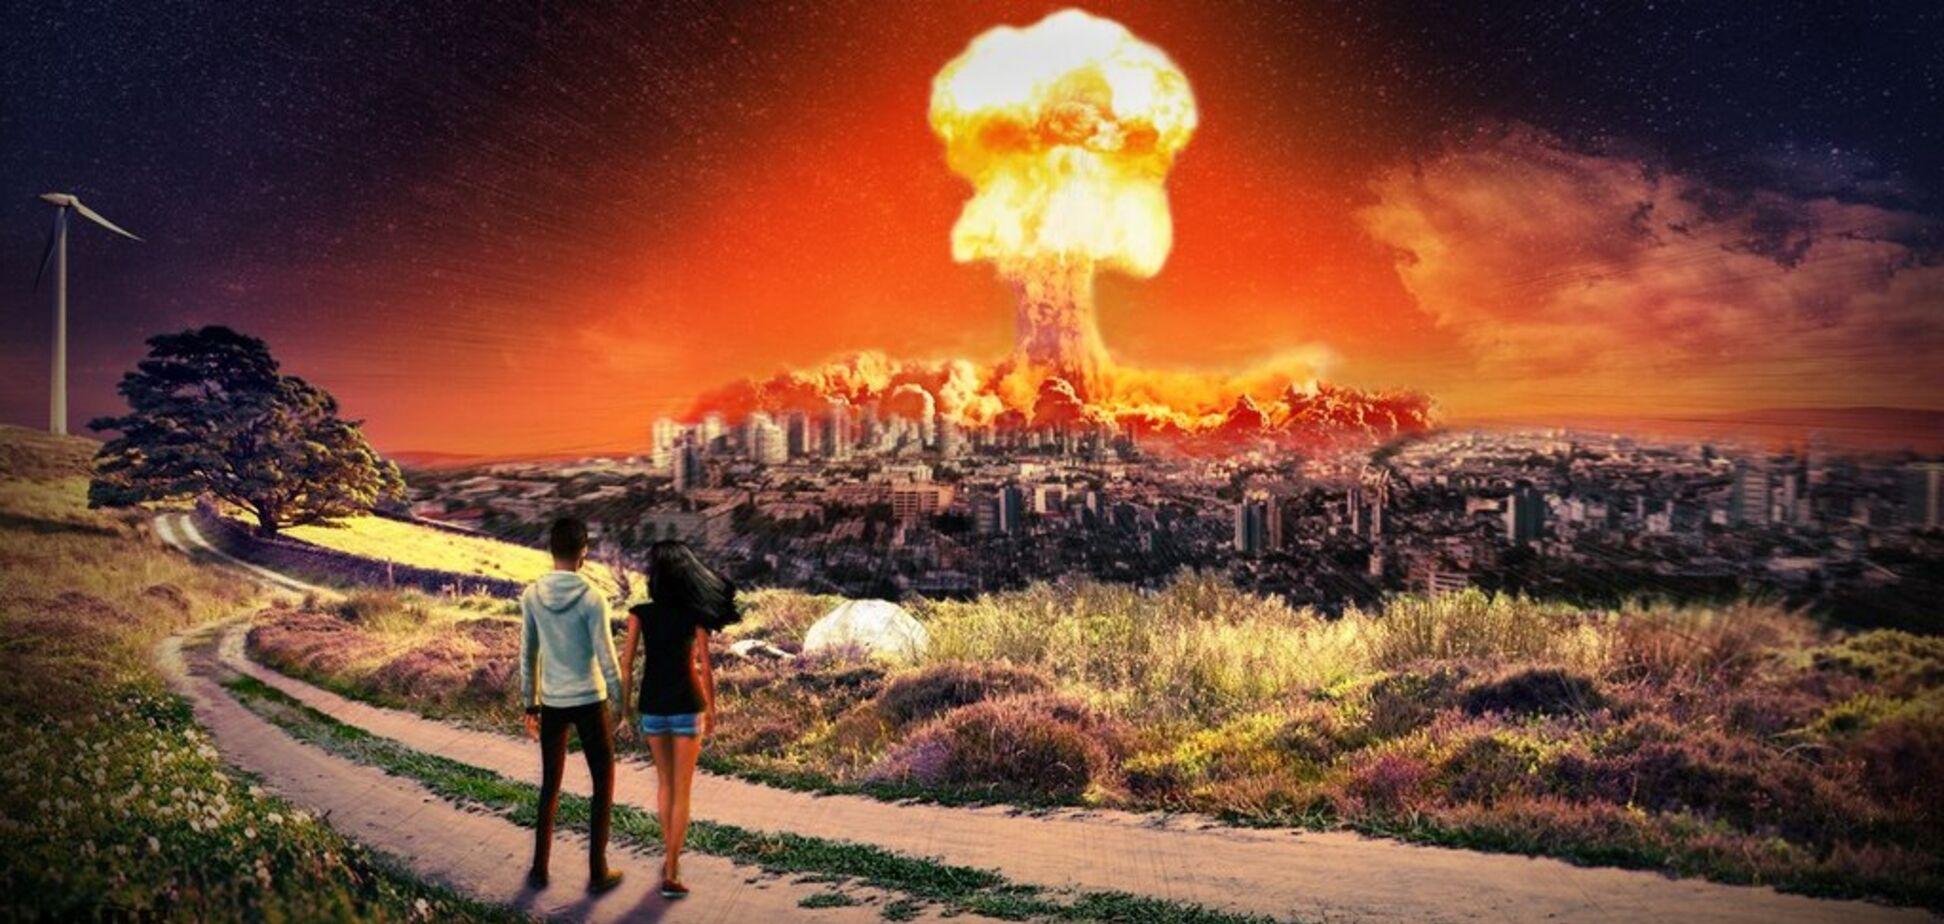 Путін 'випадково' знищить світ? Соратник Горбачова зробив заяву